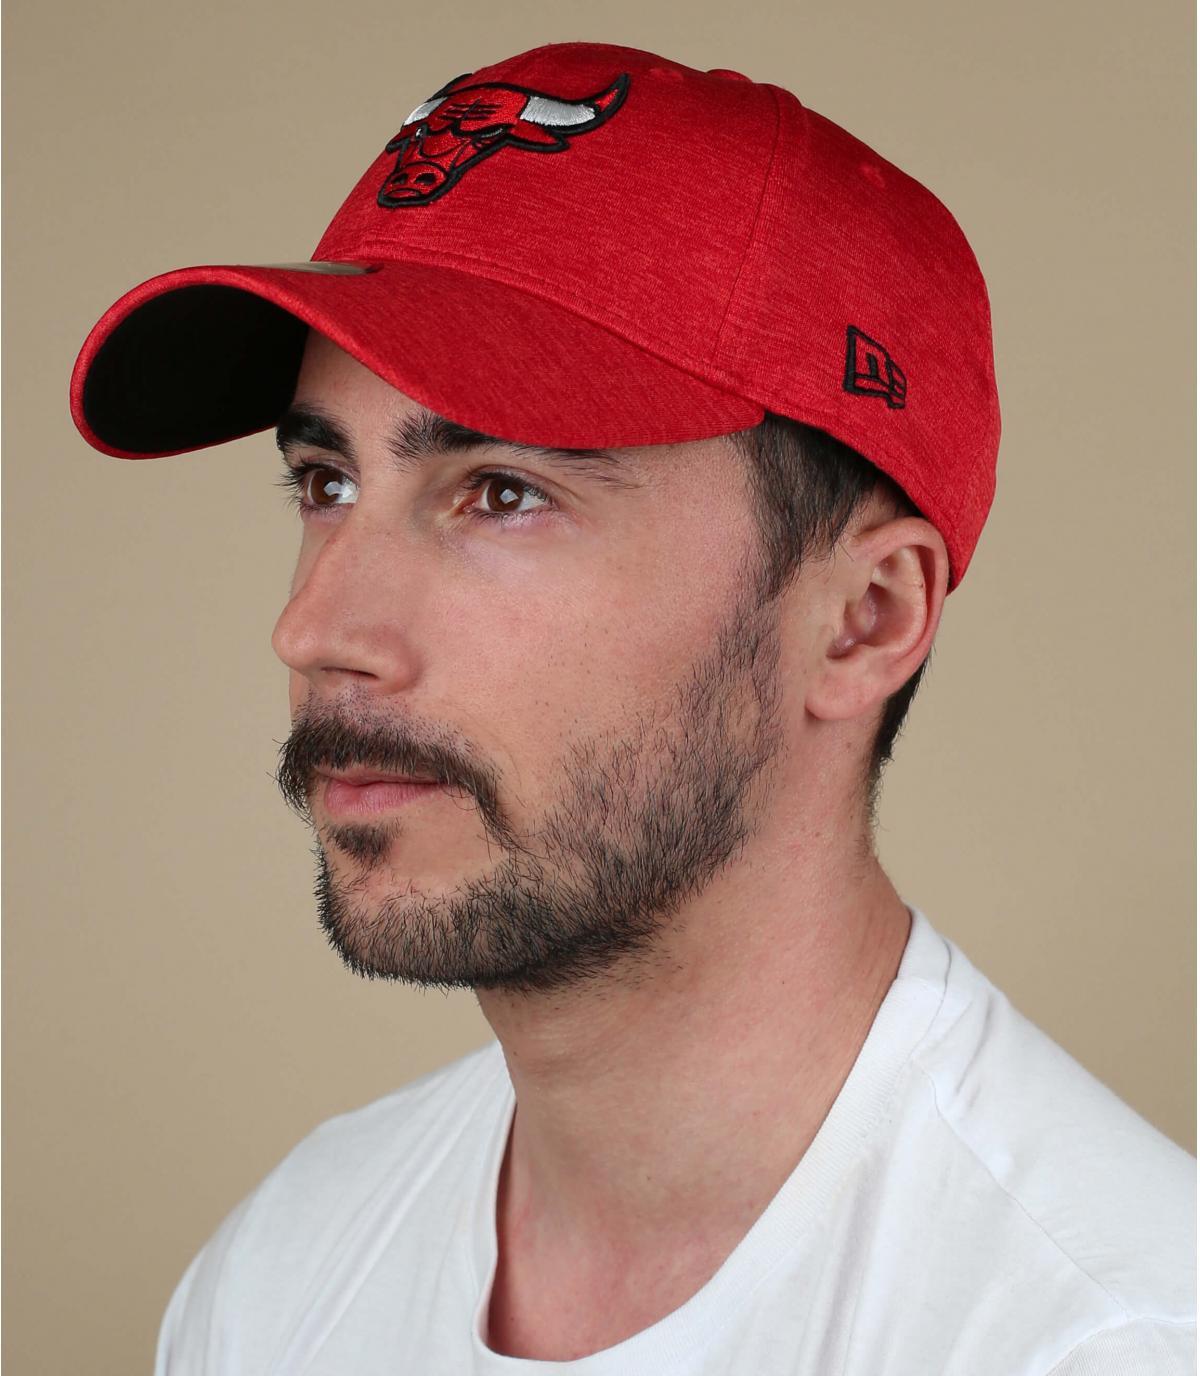 red Bulls cap